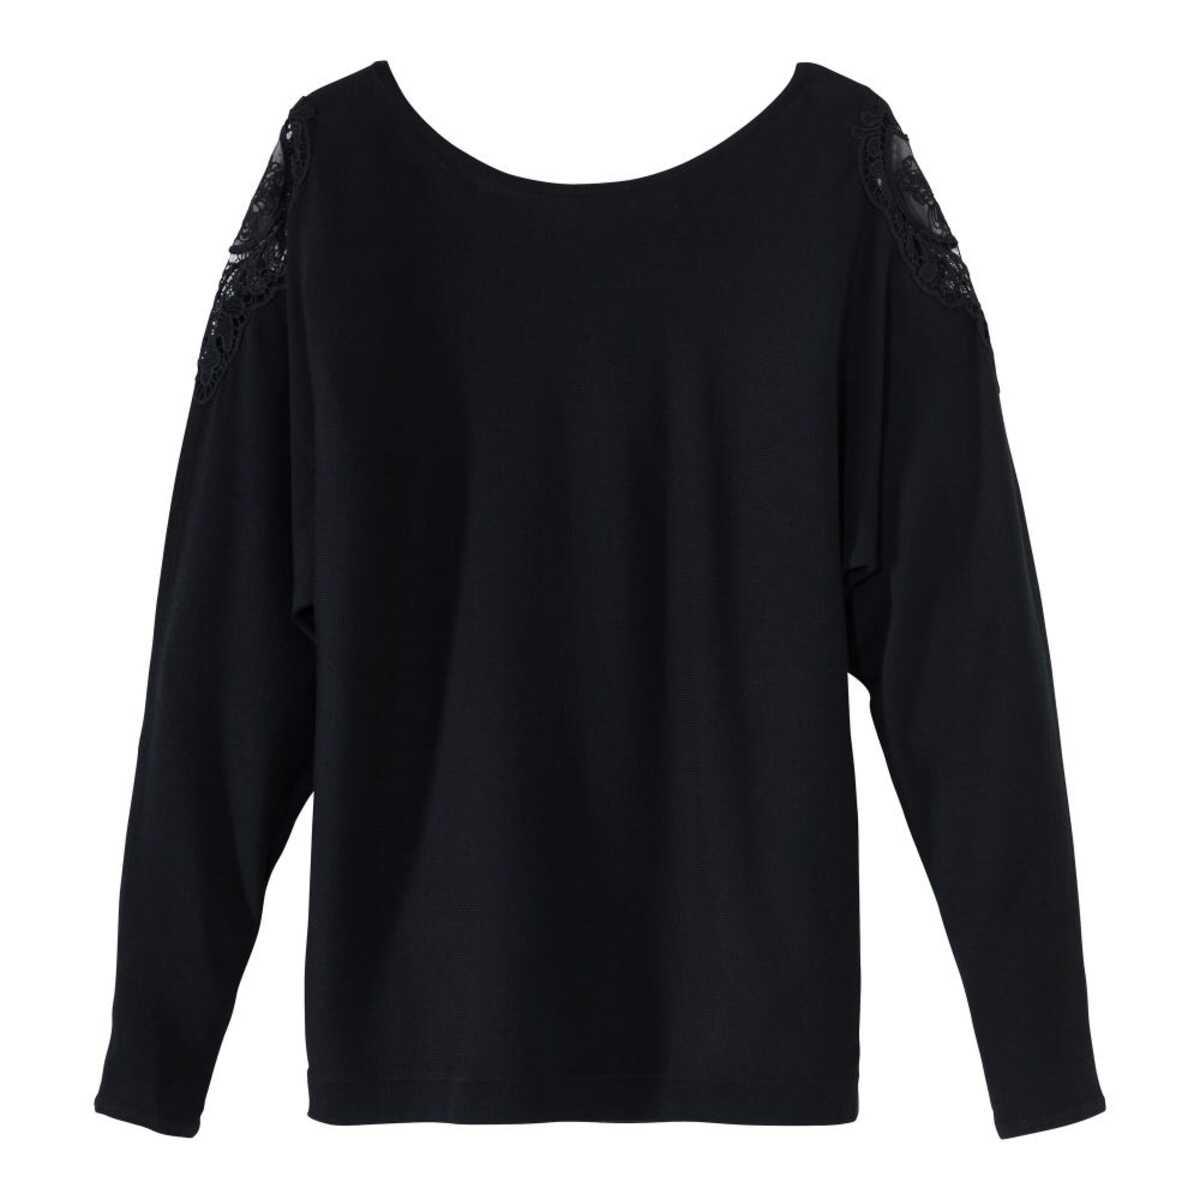 Bild 3 von Damen-Pullover mit Spitzeneinsatz an der Schulter